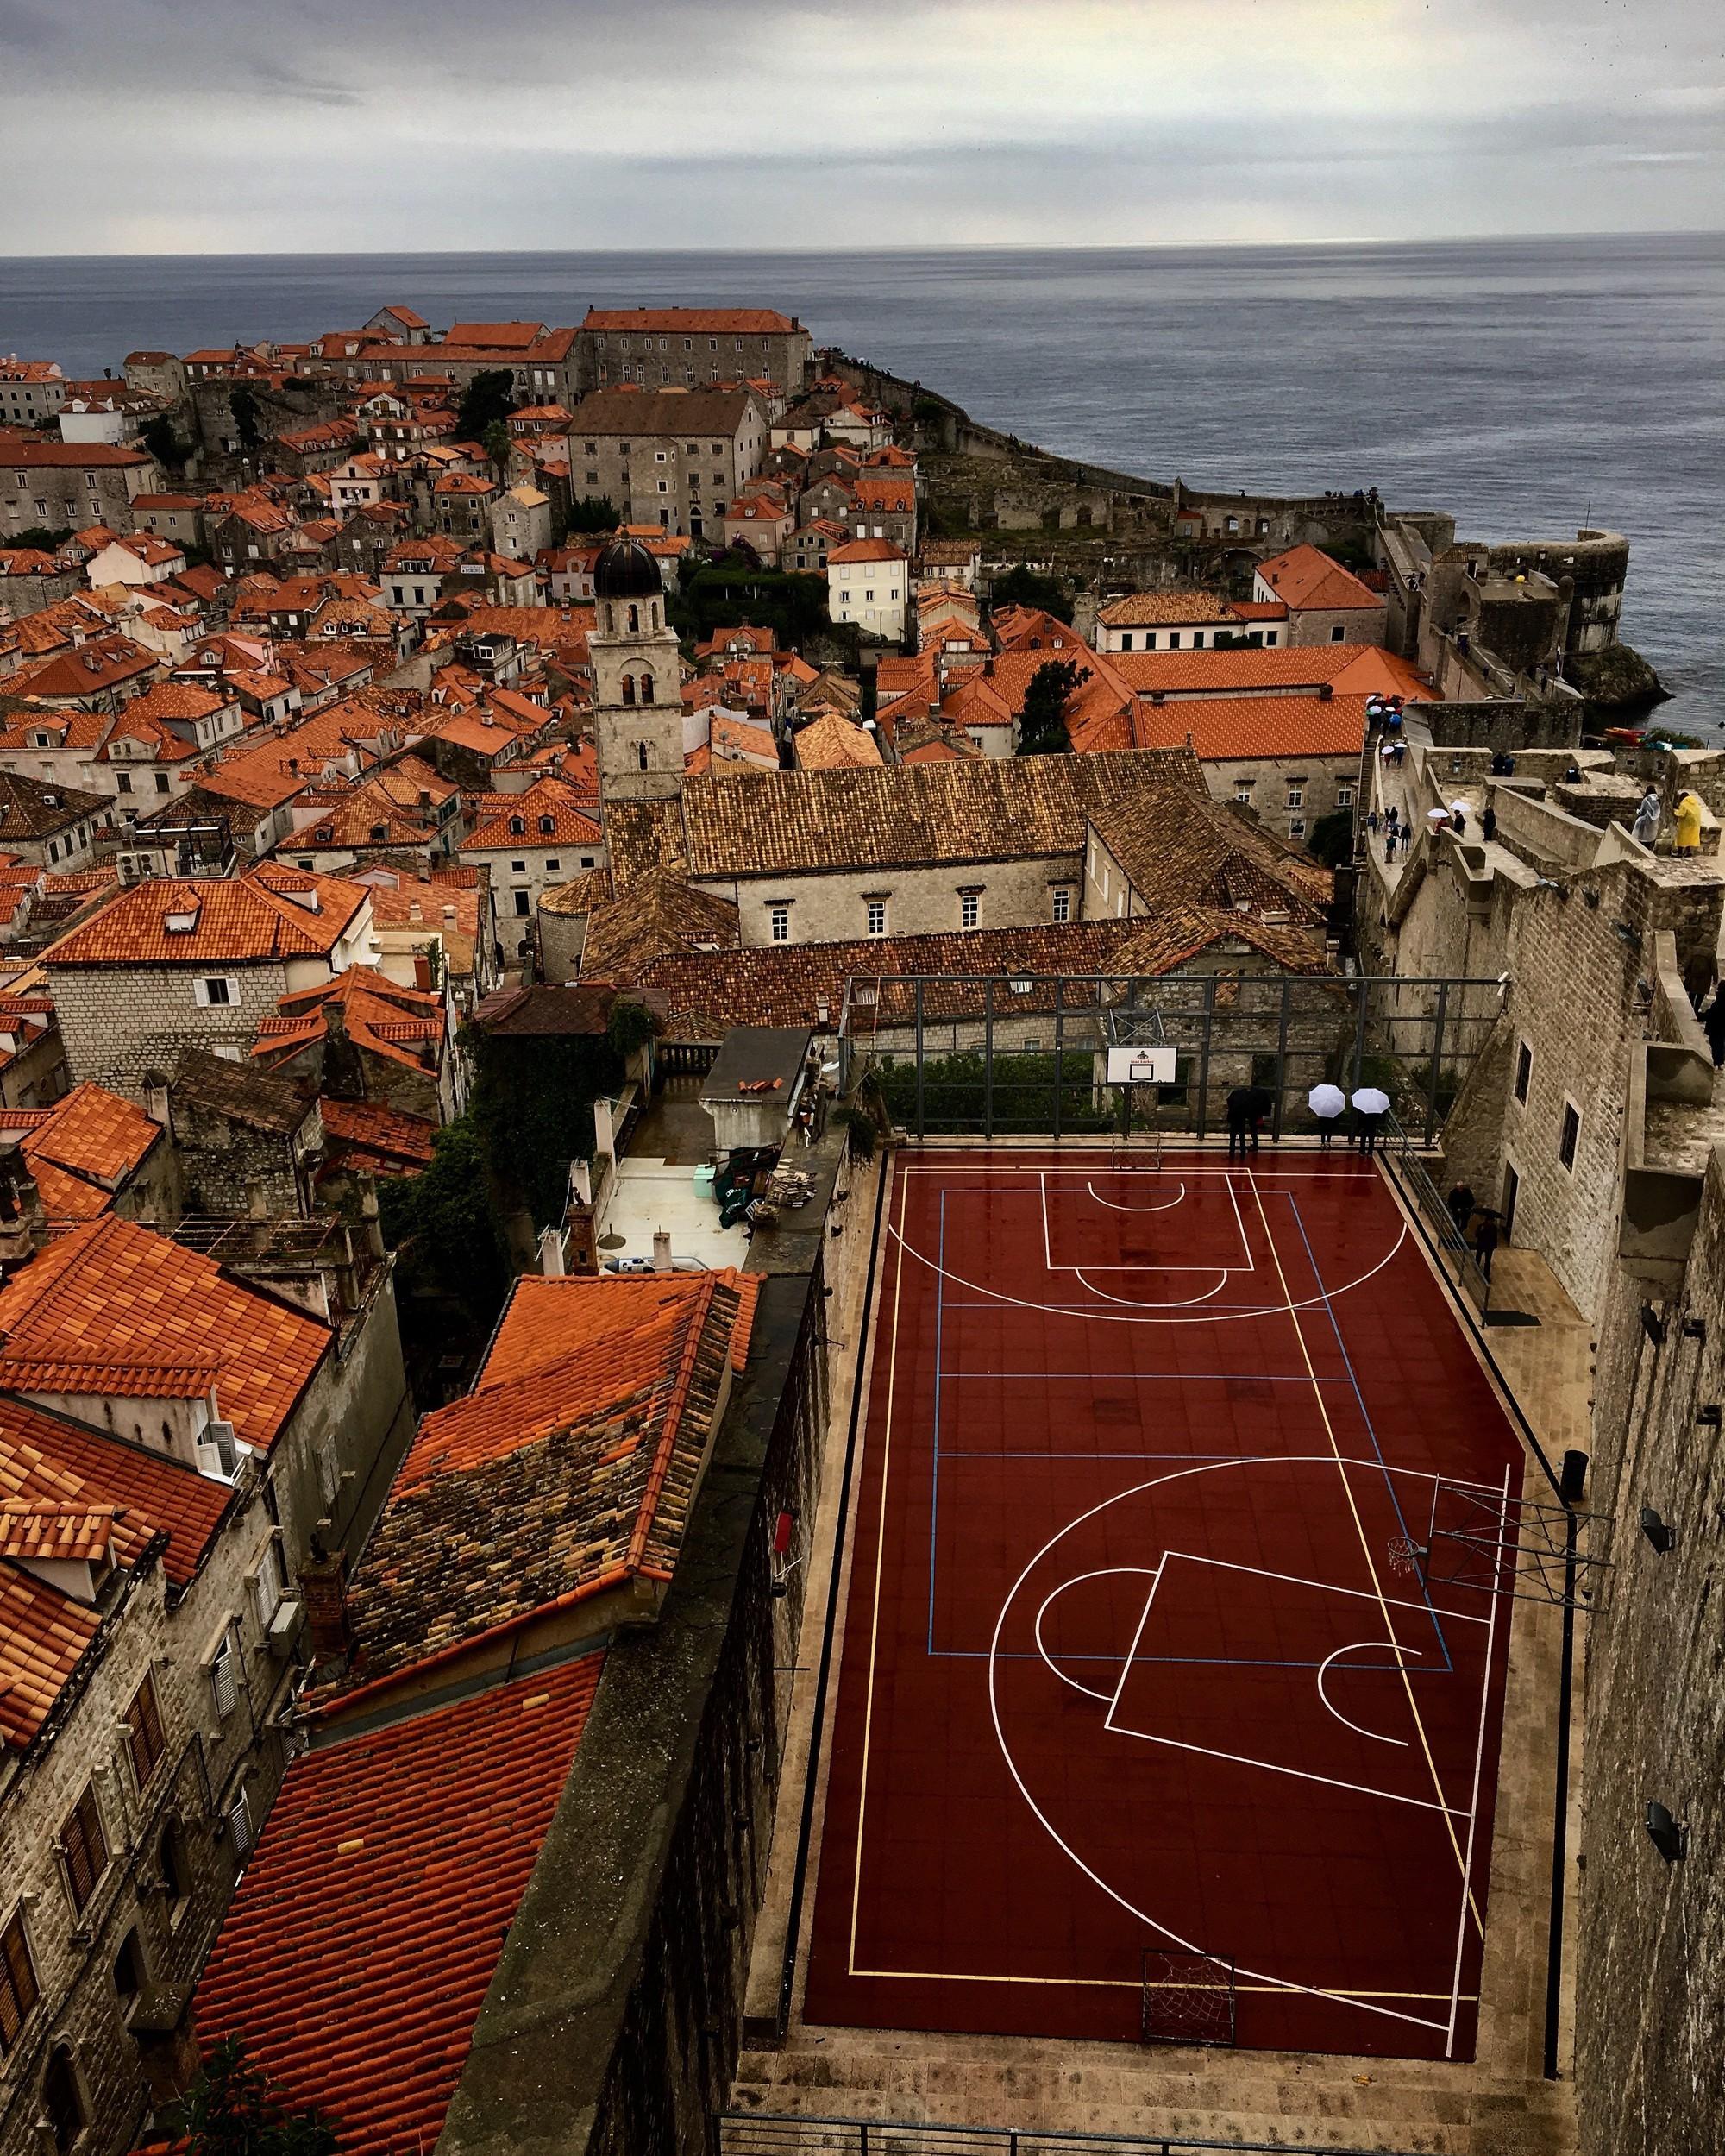 Nhờ có World Cup chúng ta mới biết đến một Croatia nên thơ và hùng vĩ không thua bất kì thiên đường nào - Ảnh 5.